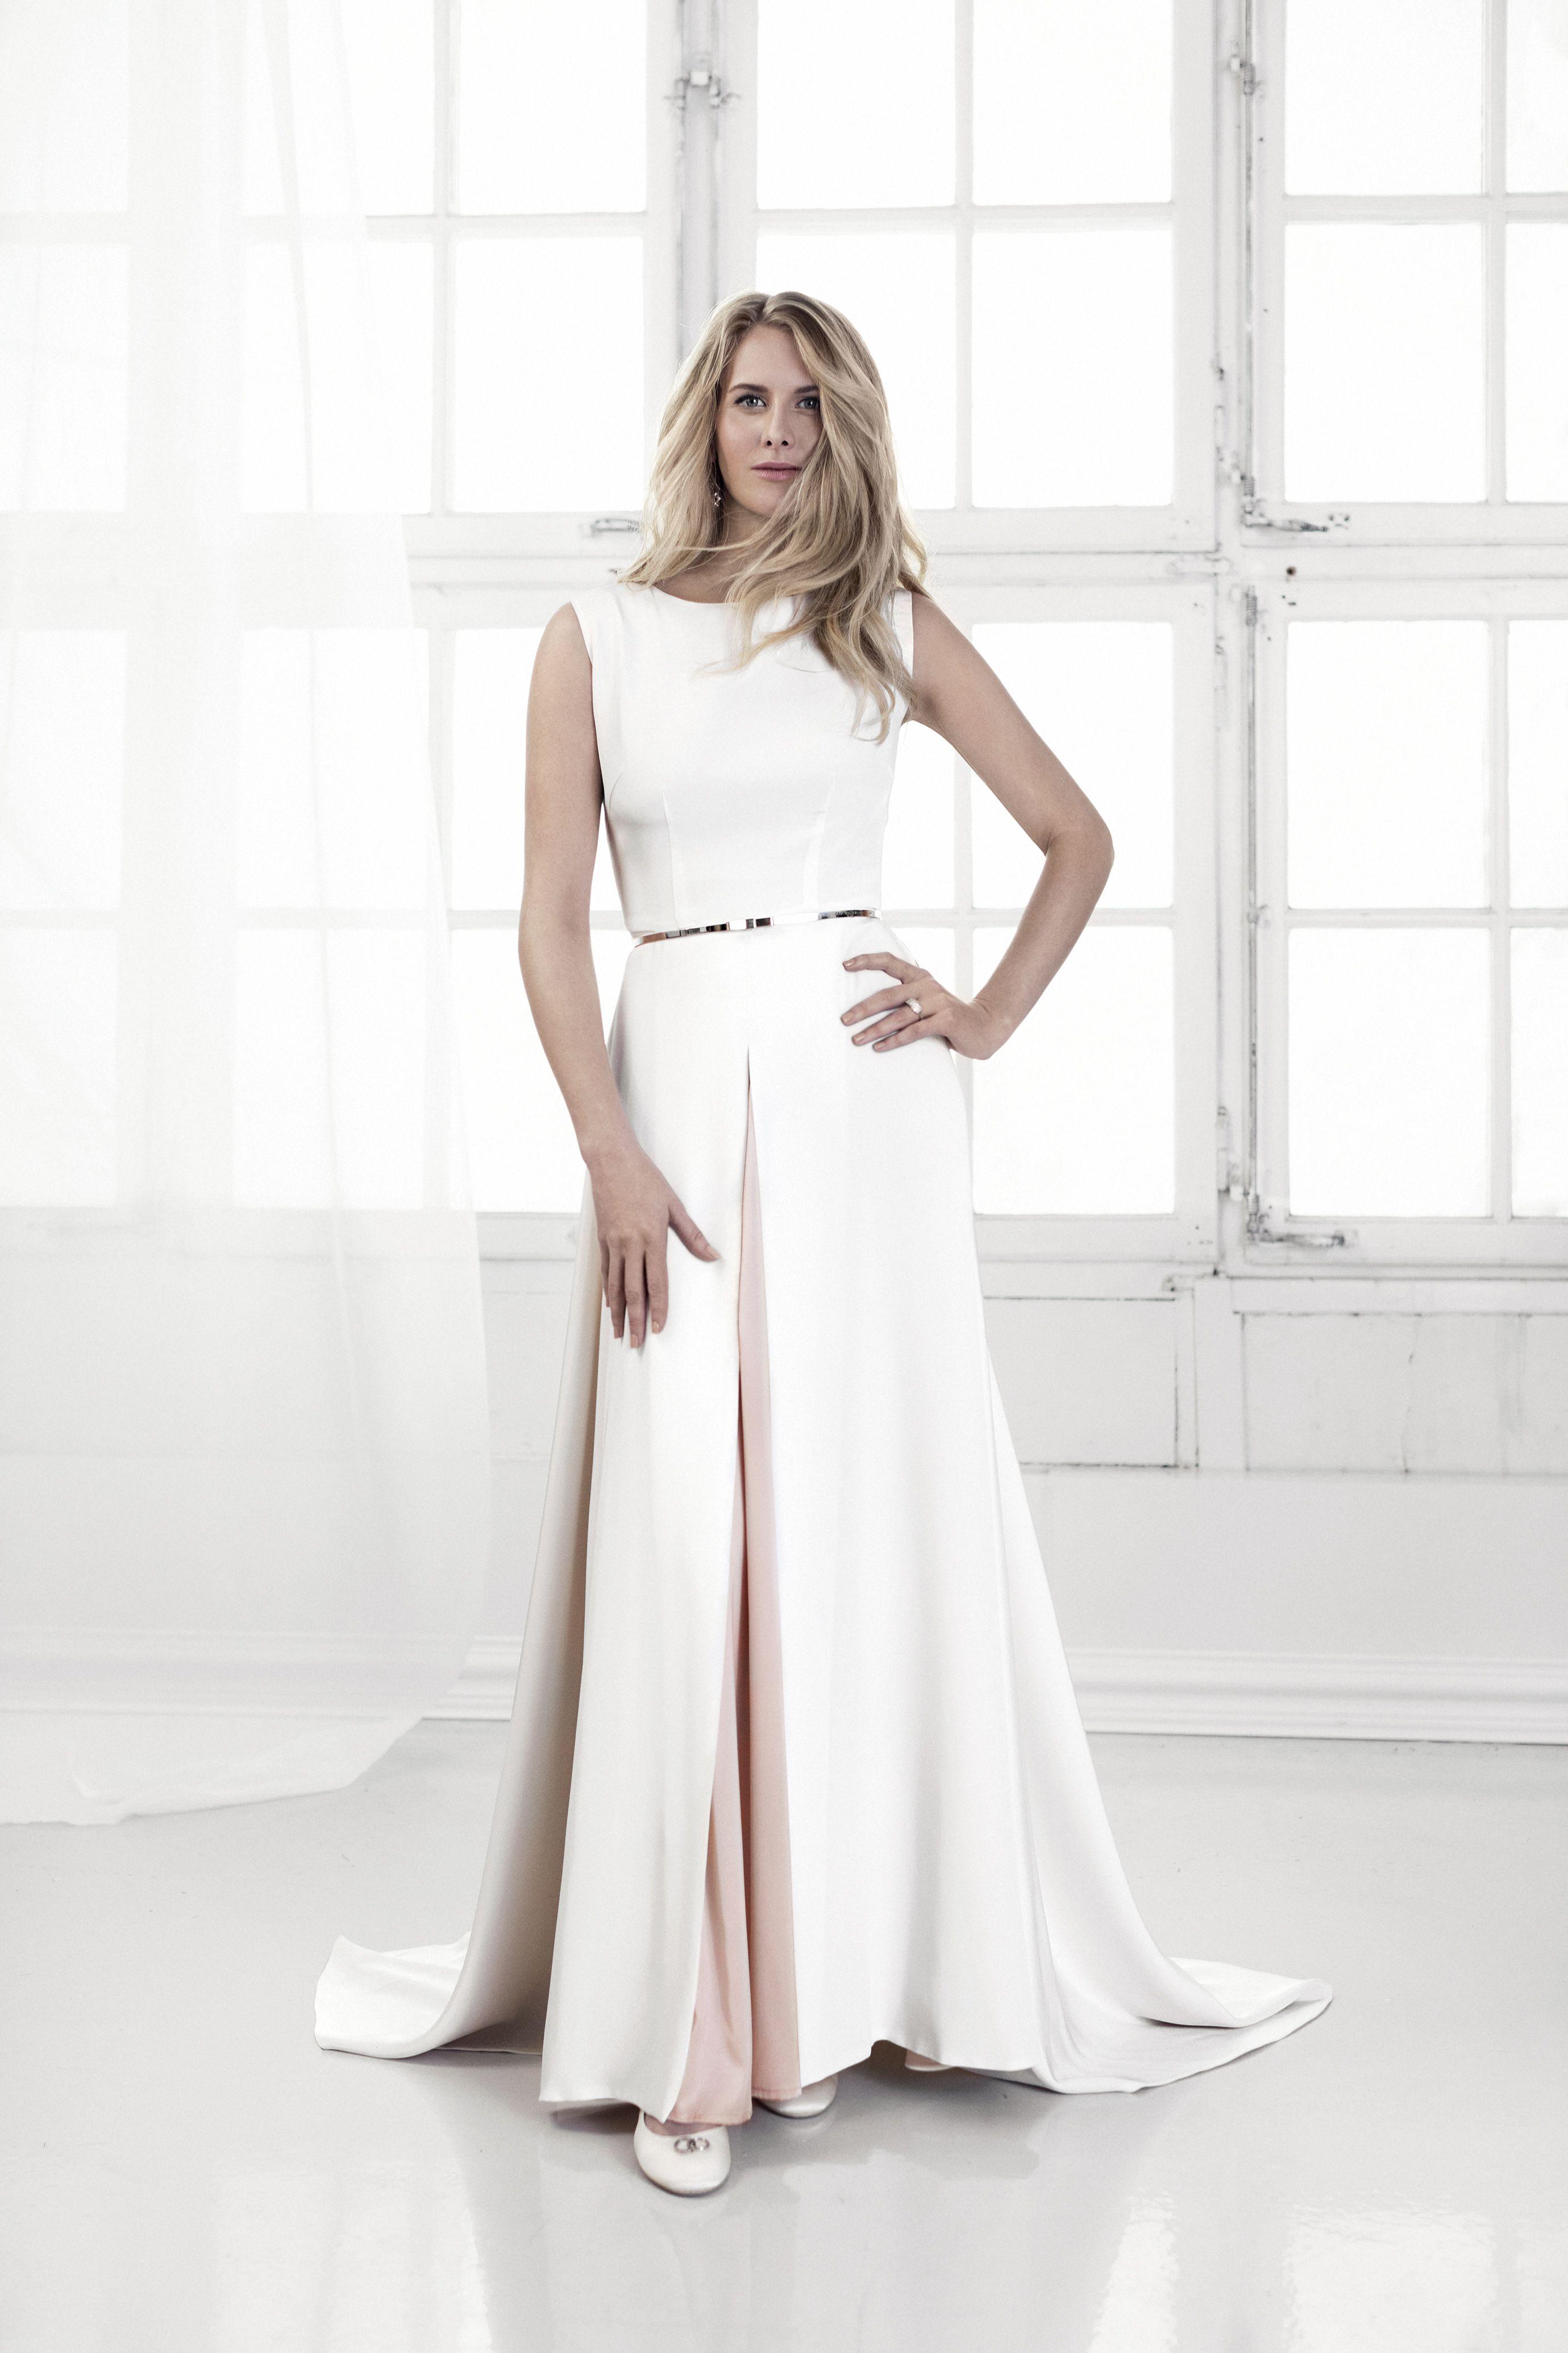 Efva Attling The Wedding Moss Rose Dress And Bow Wow Belt Efvaattling Weddinggown